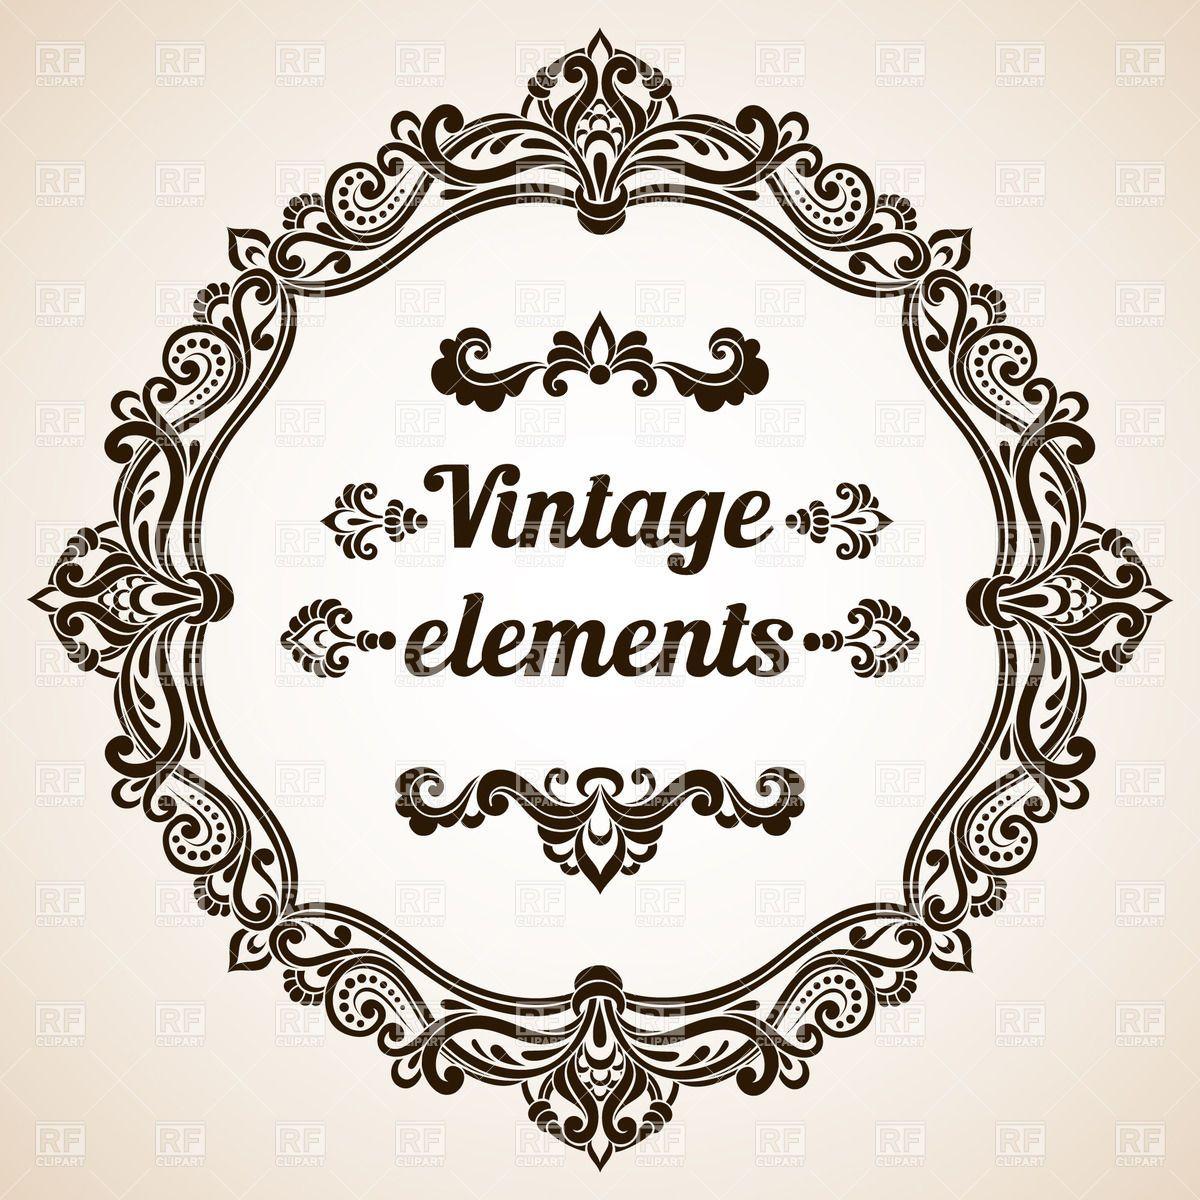 vintage frames vectors forward round vintage frame with ornate border ... Vintage Border Vector